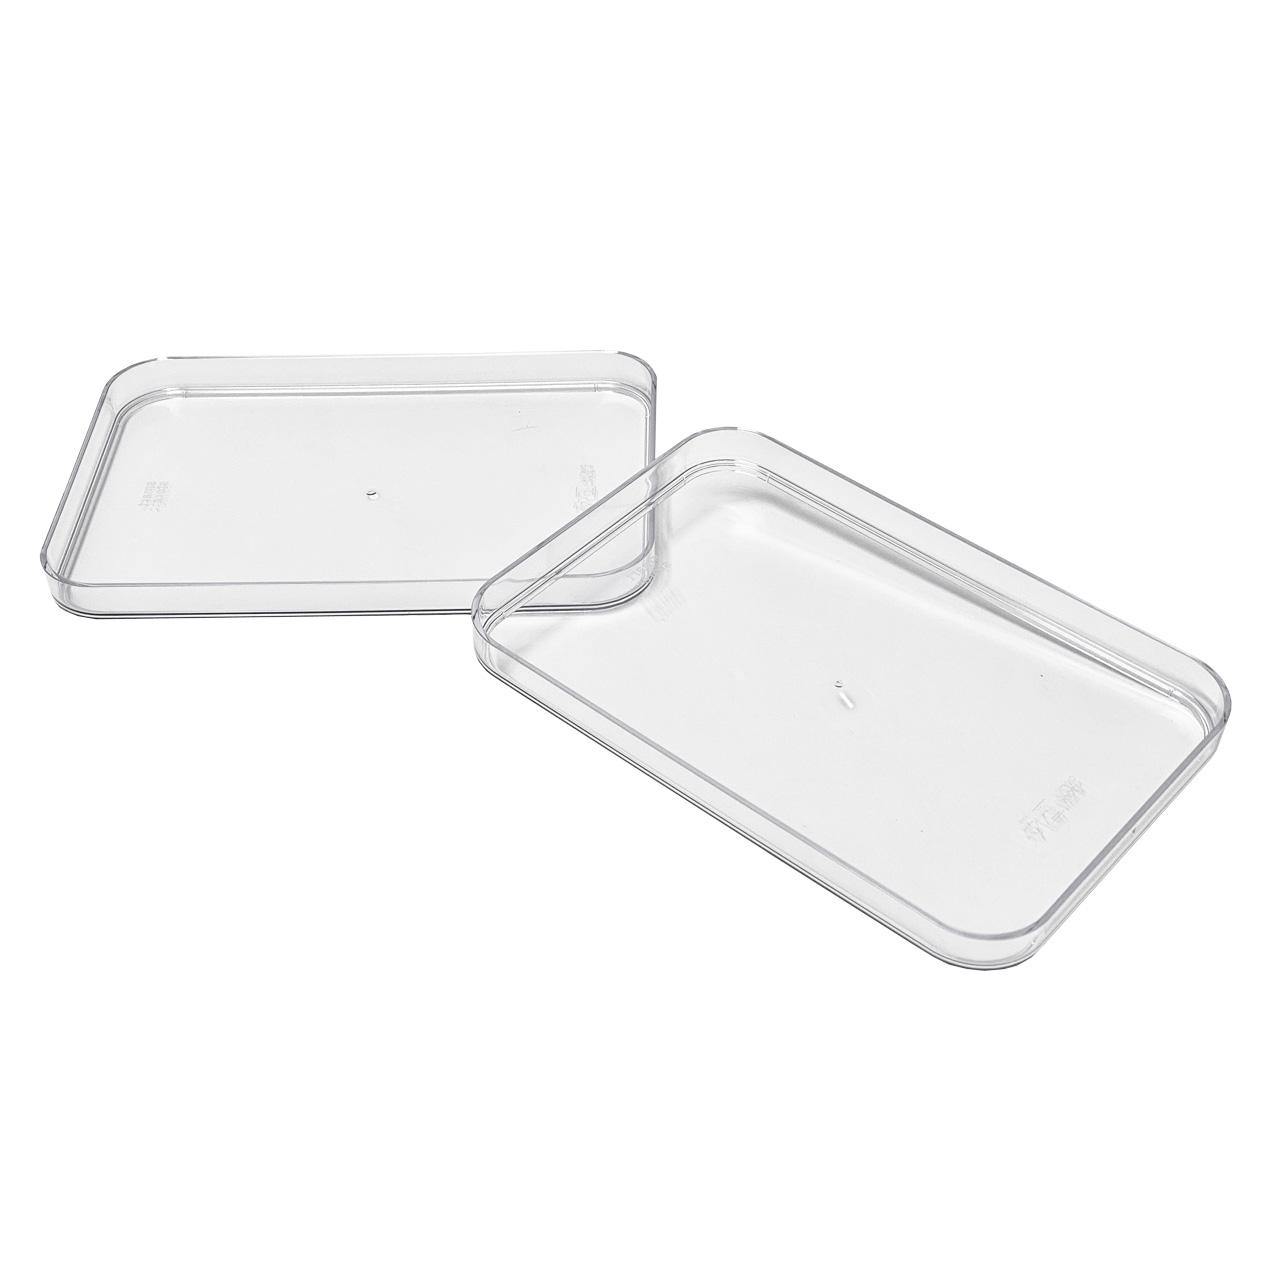 Kühlschrank Organizer Boxen-Set mit Beschriftungsetiketten (M-Deckel-2er-Set)